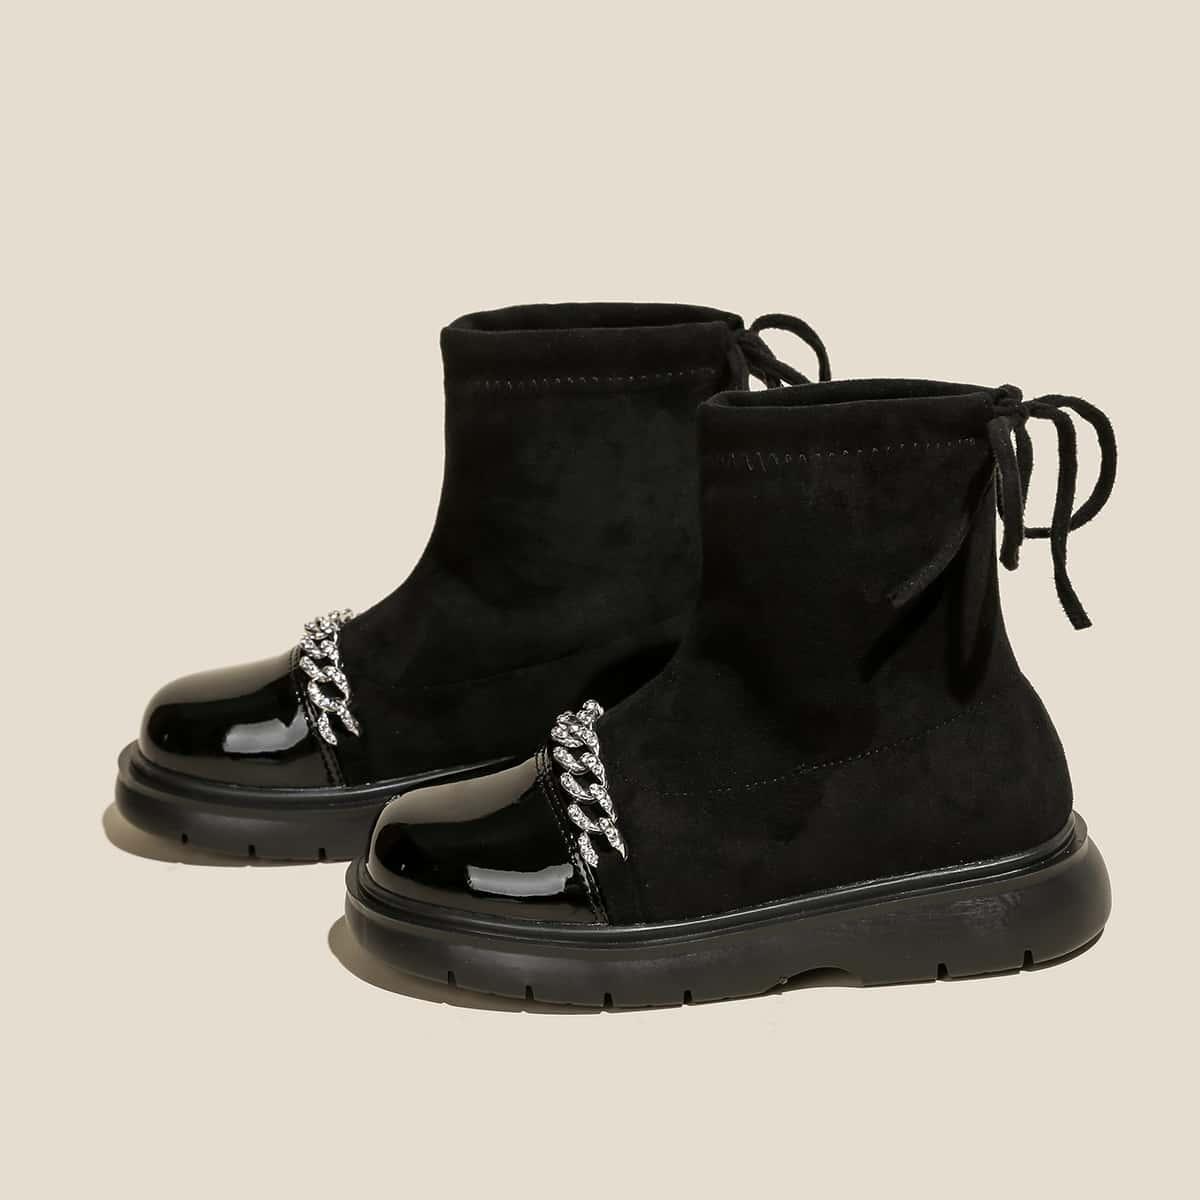 Ботинки со стразами & с цепочкой без шнурков для девочек